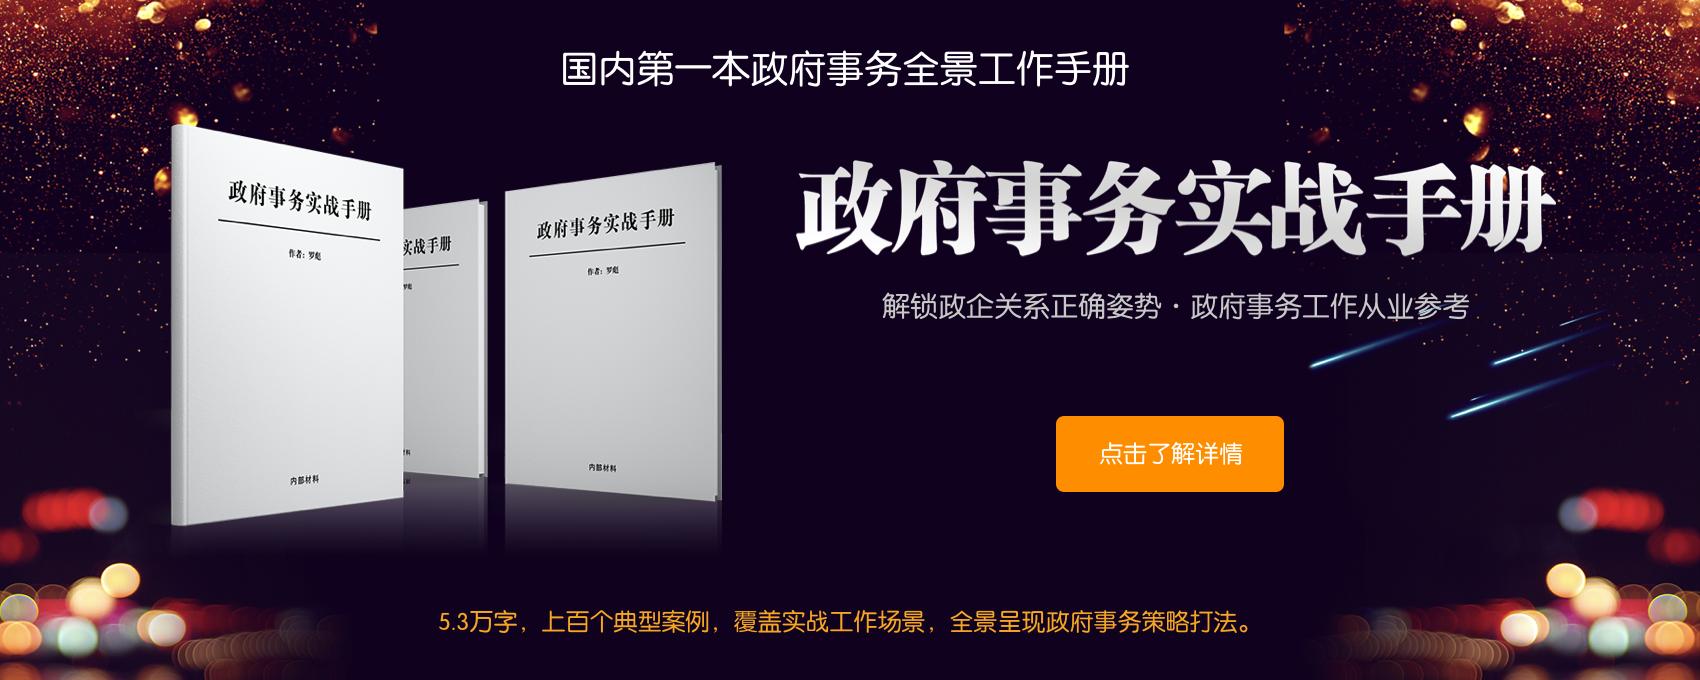 【政策早报】国家主席习近平将出席第二届中国国际进口博览会;发改委等13部门:4年左右发展壮大200家以上国家级工业设计中心